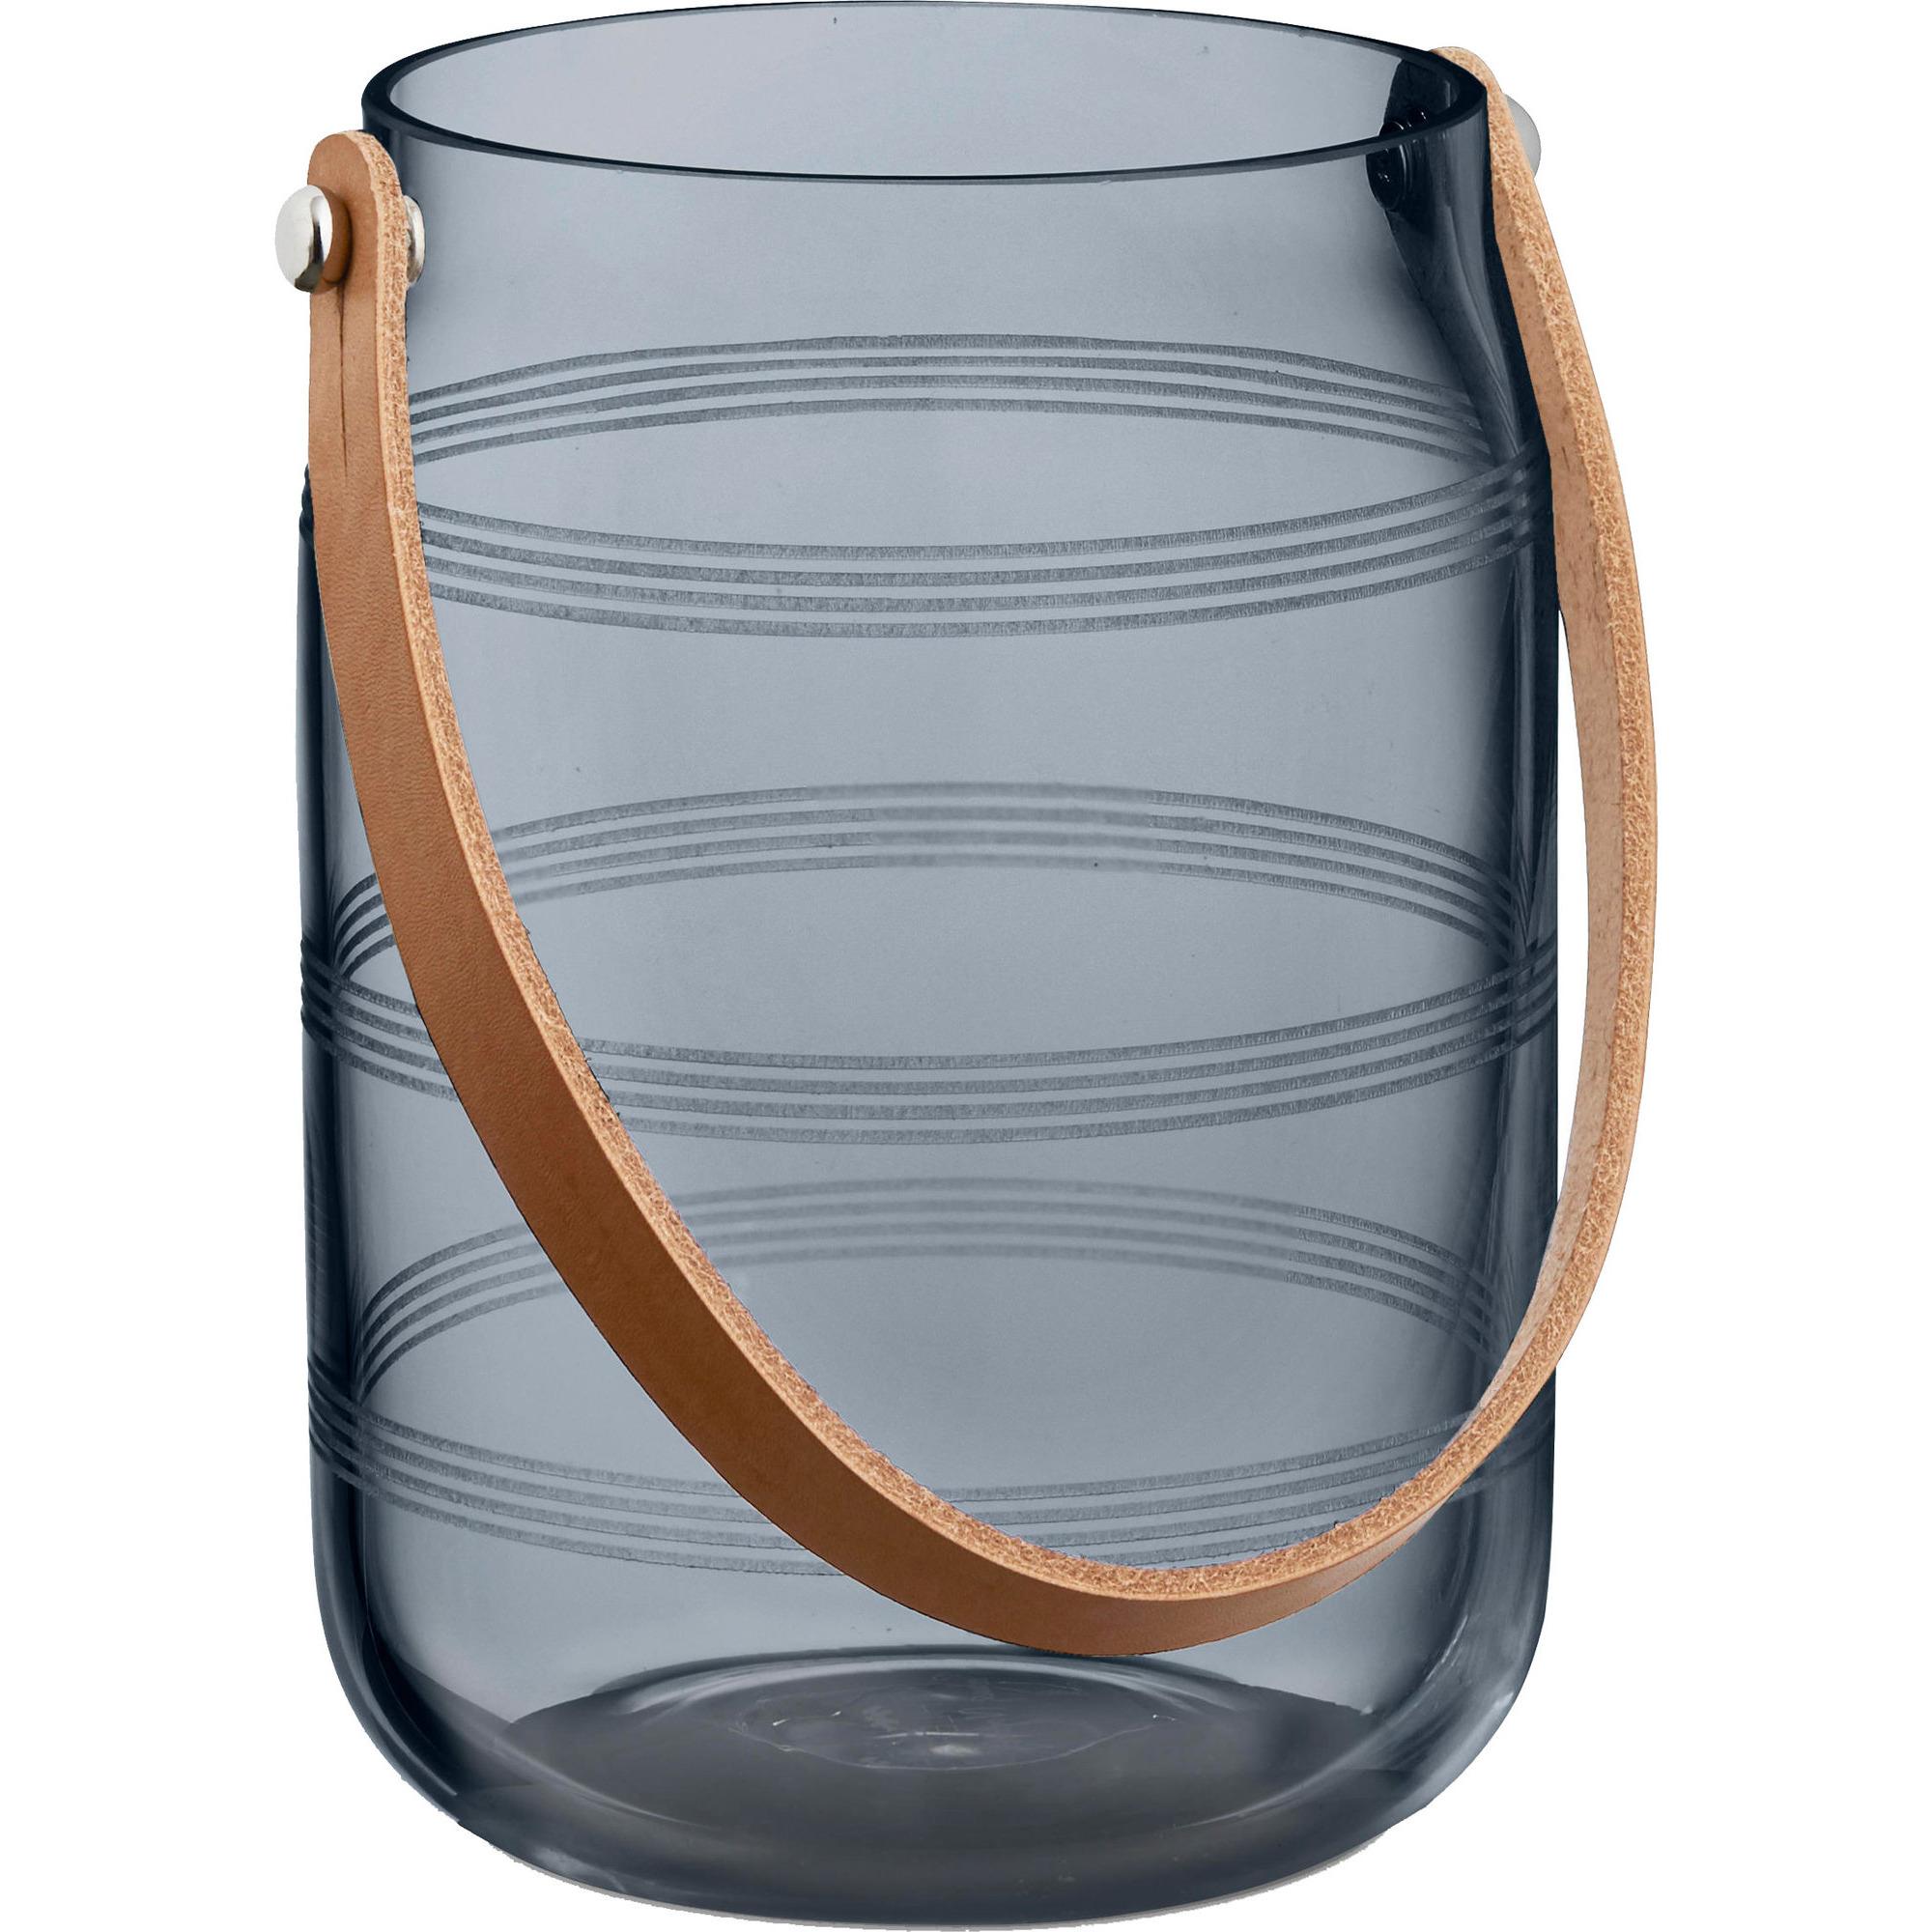 Kähler Omaggio Lanterna 16 cm Stålblå